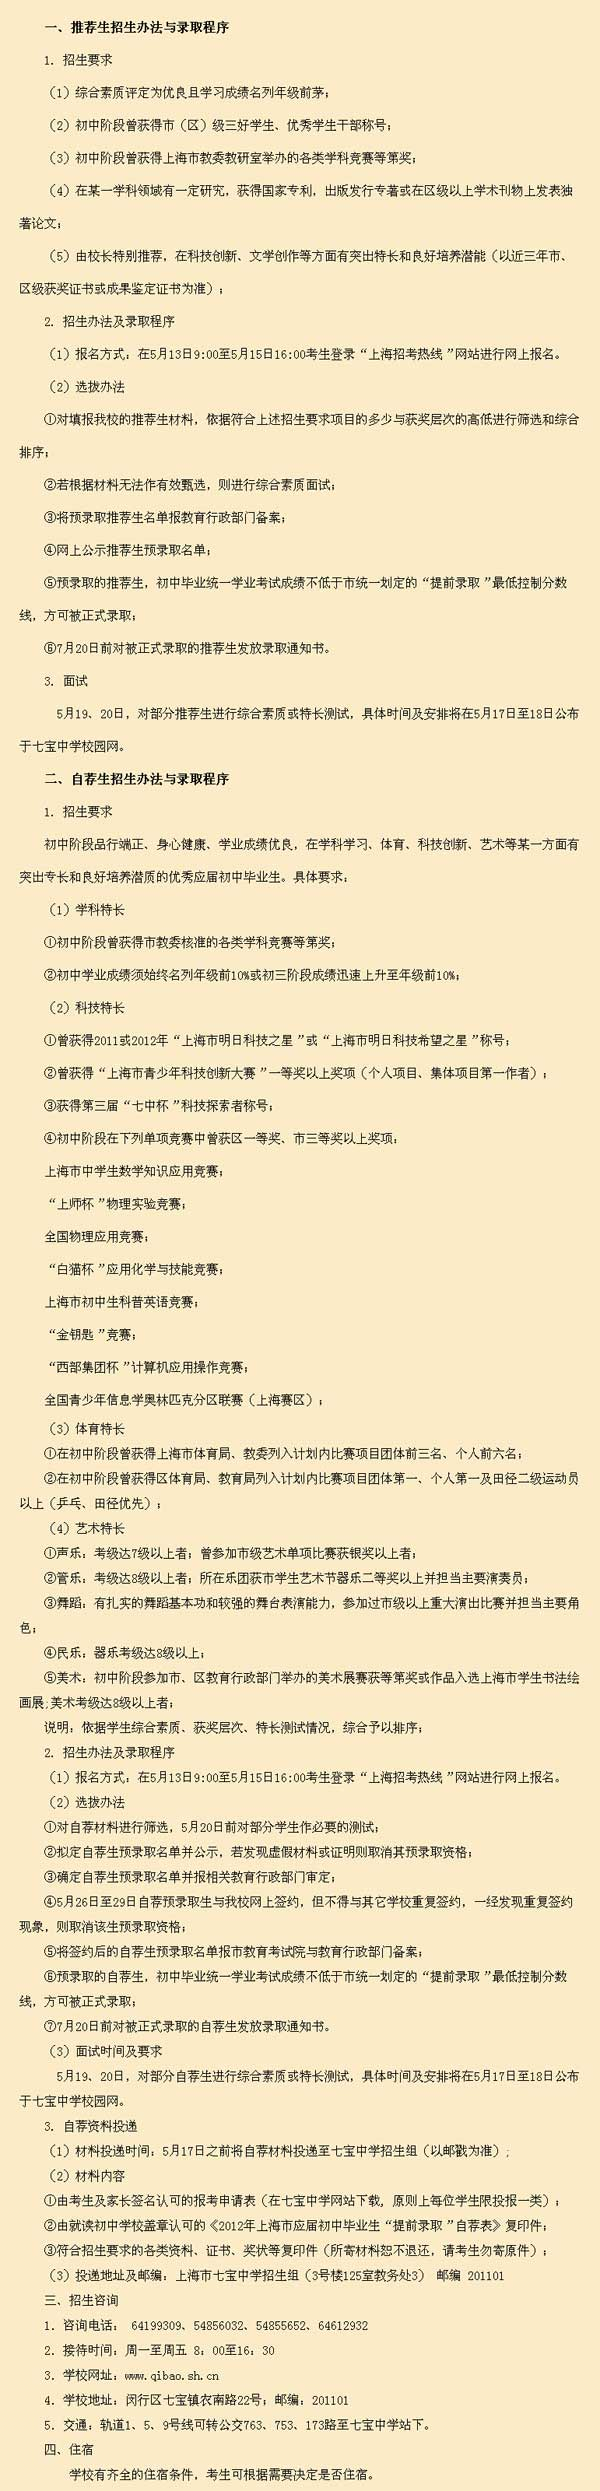 """2012年上海市七宝中学""""提前录取""""招生方案"""